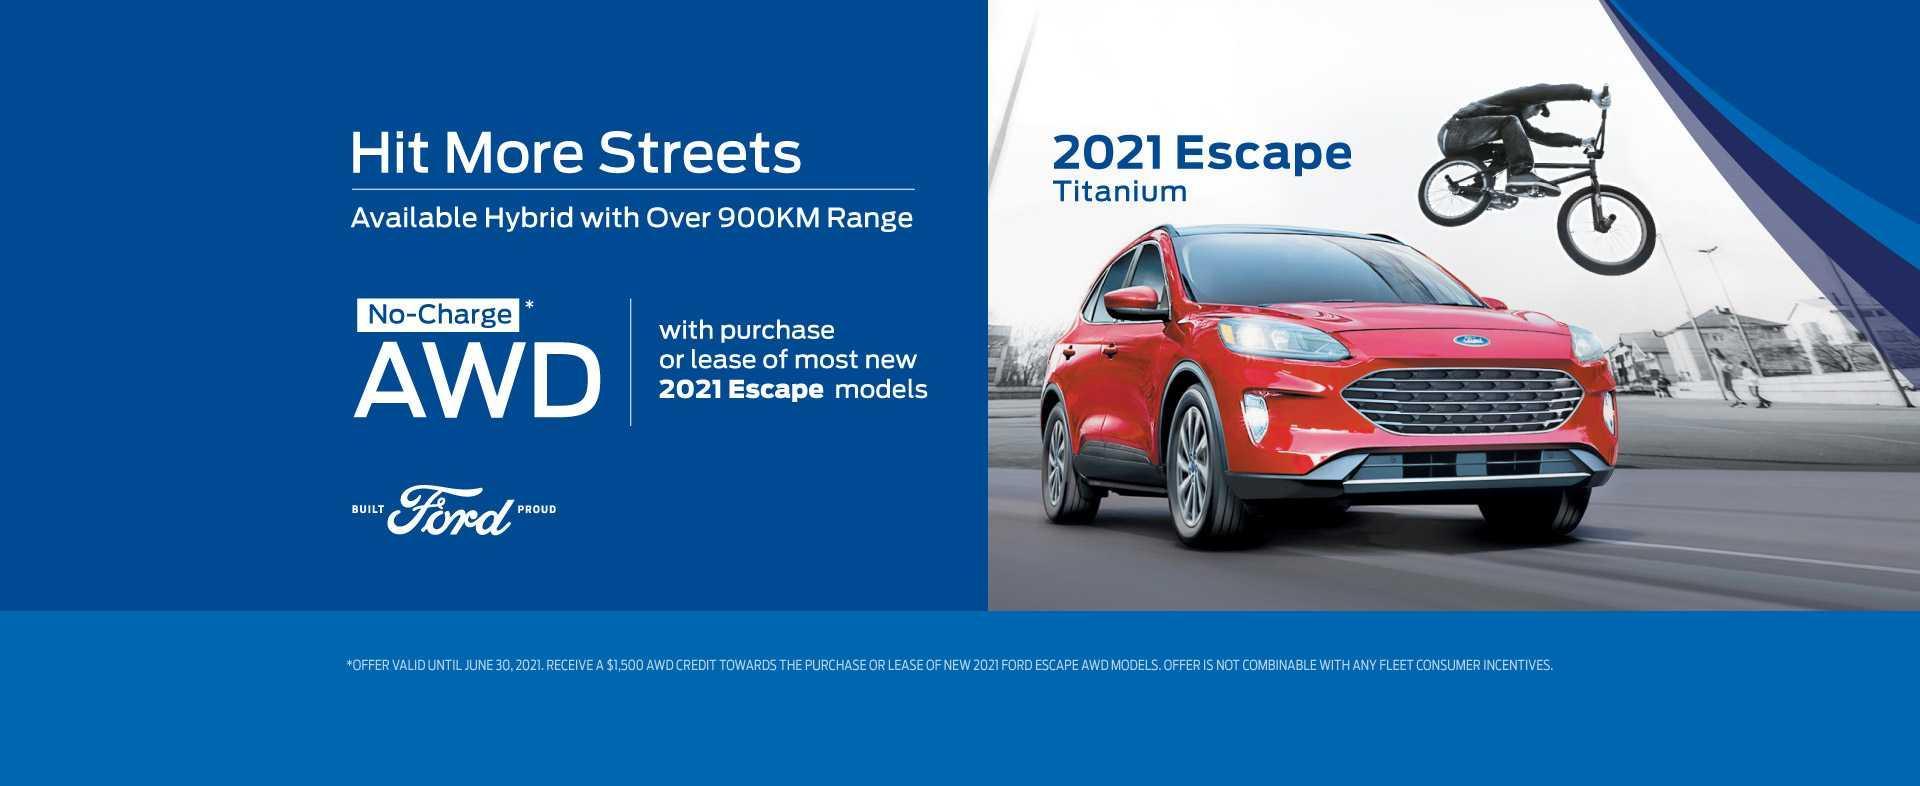 2021 Escape